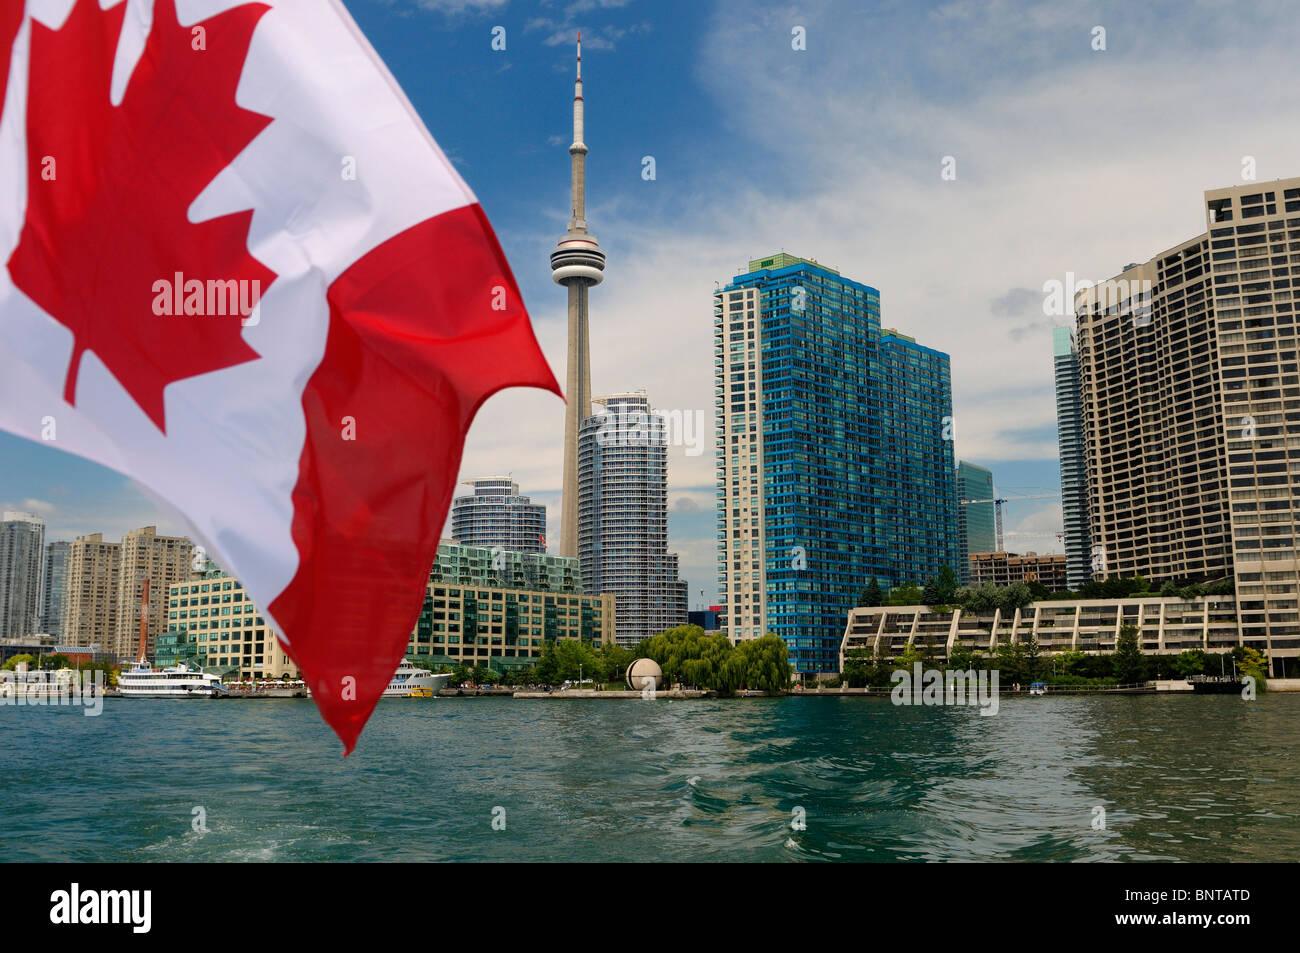 Bandera canadiense en el barco dejando horizonte de Toronto y el Harbourfront en lago Ontario Imagen De Stock